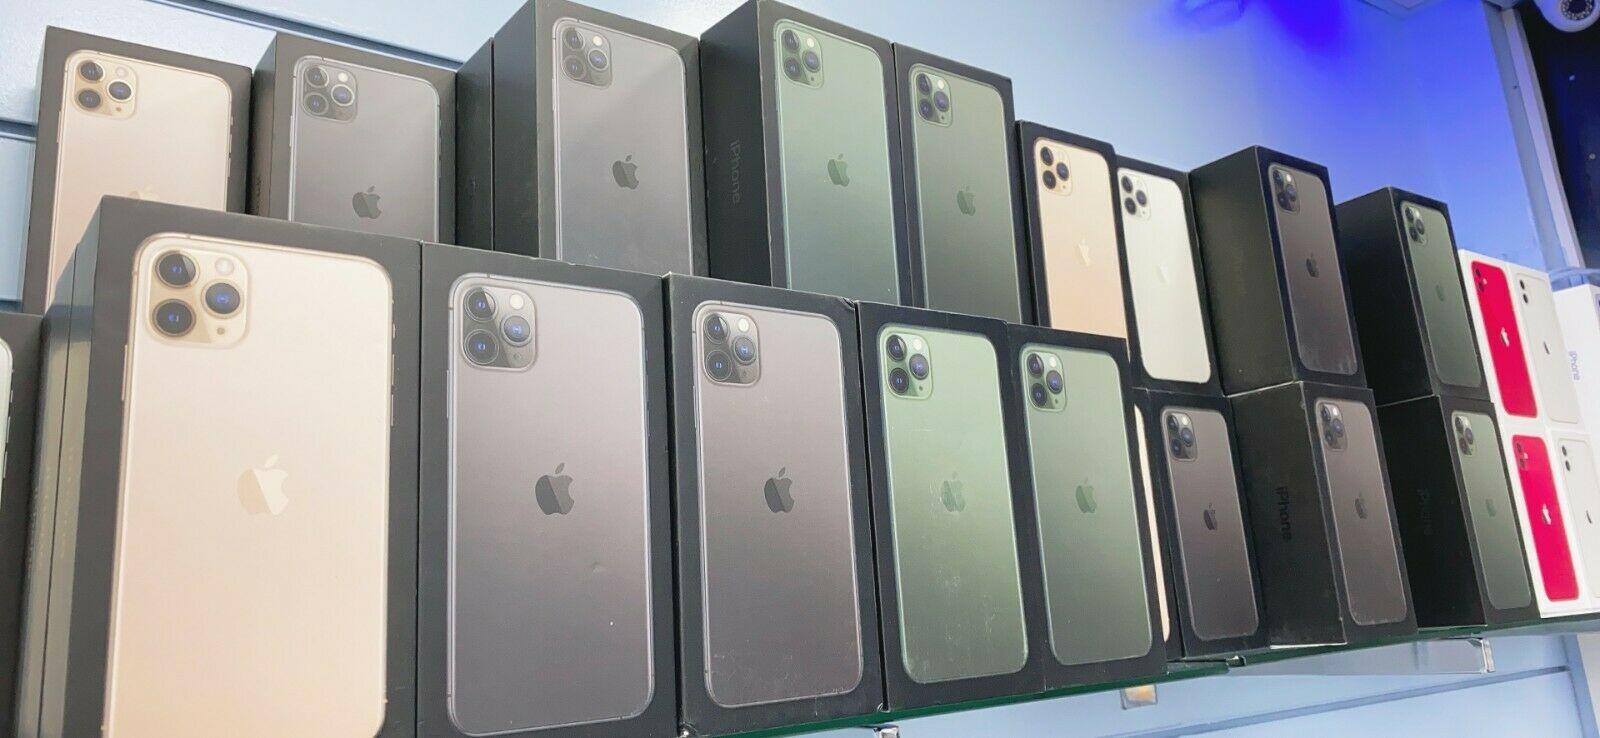 1492/5000 Oferta para Apple iPhone 11, 11 Pro y 11 Pro Max para ventas a precio mayorista.